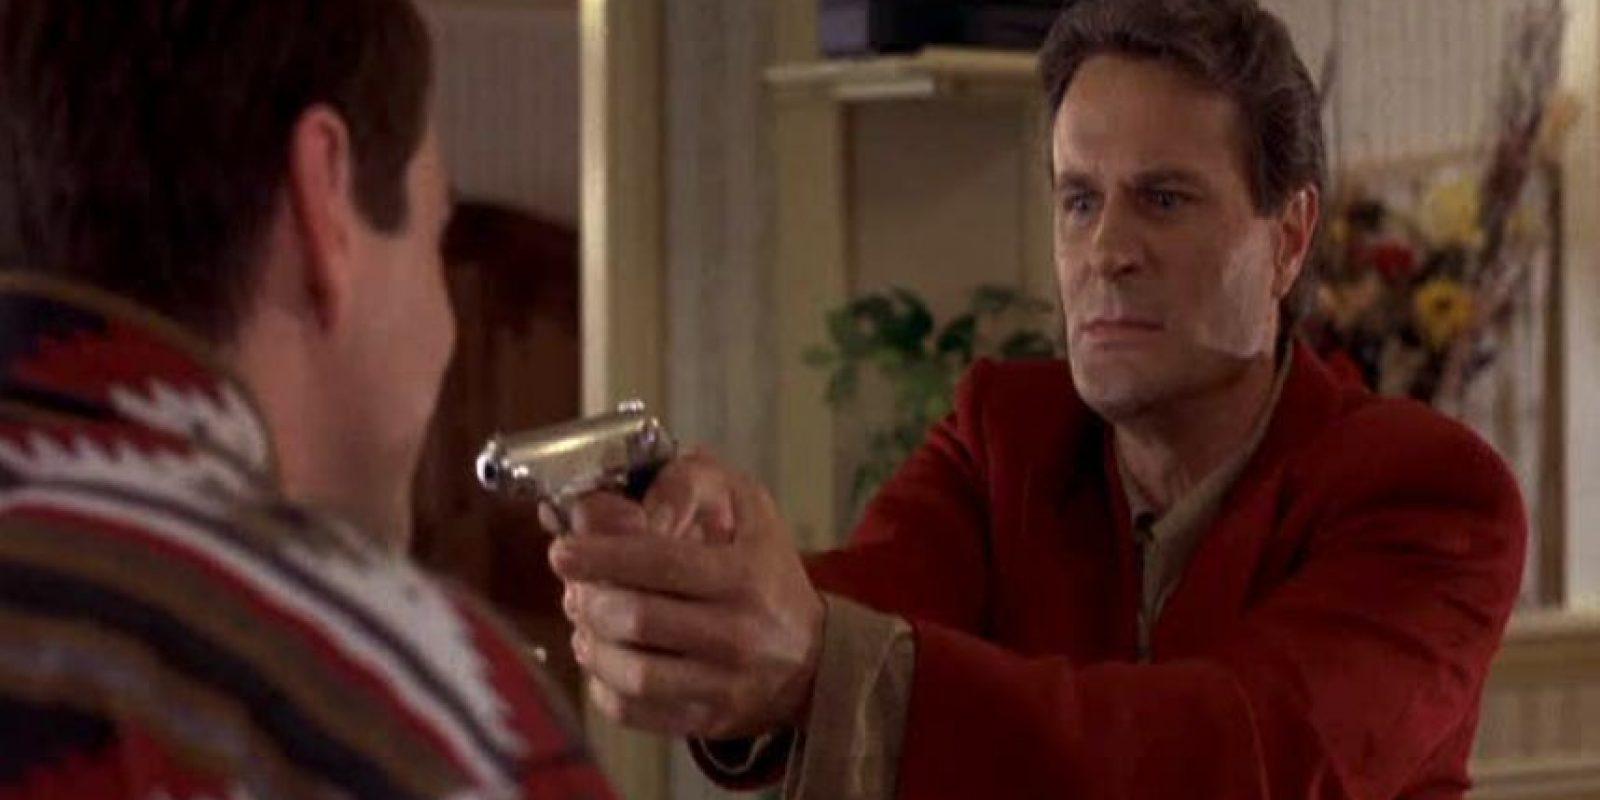 El actor interpretó al antagonista de esta historia, Nicholas Andre, un hombre atractivo, rico e inteligente. Foto:YouTube